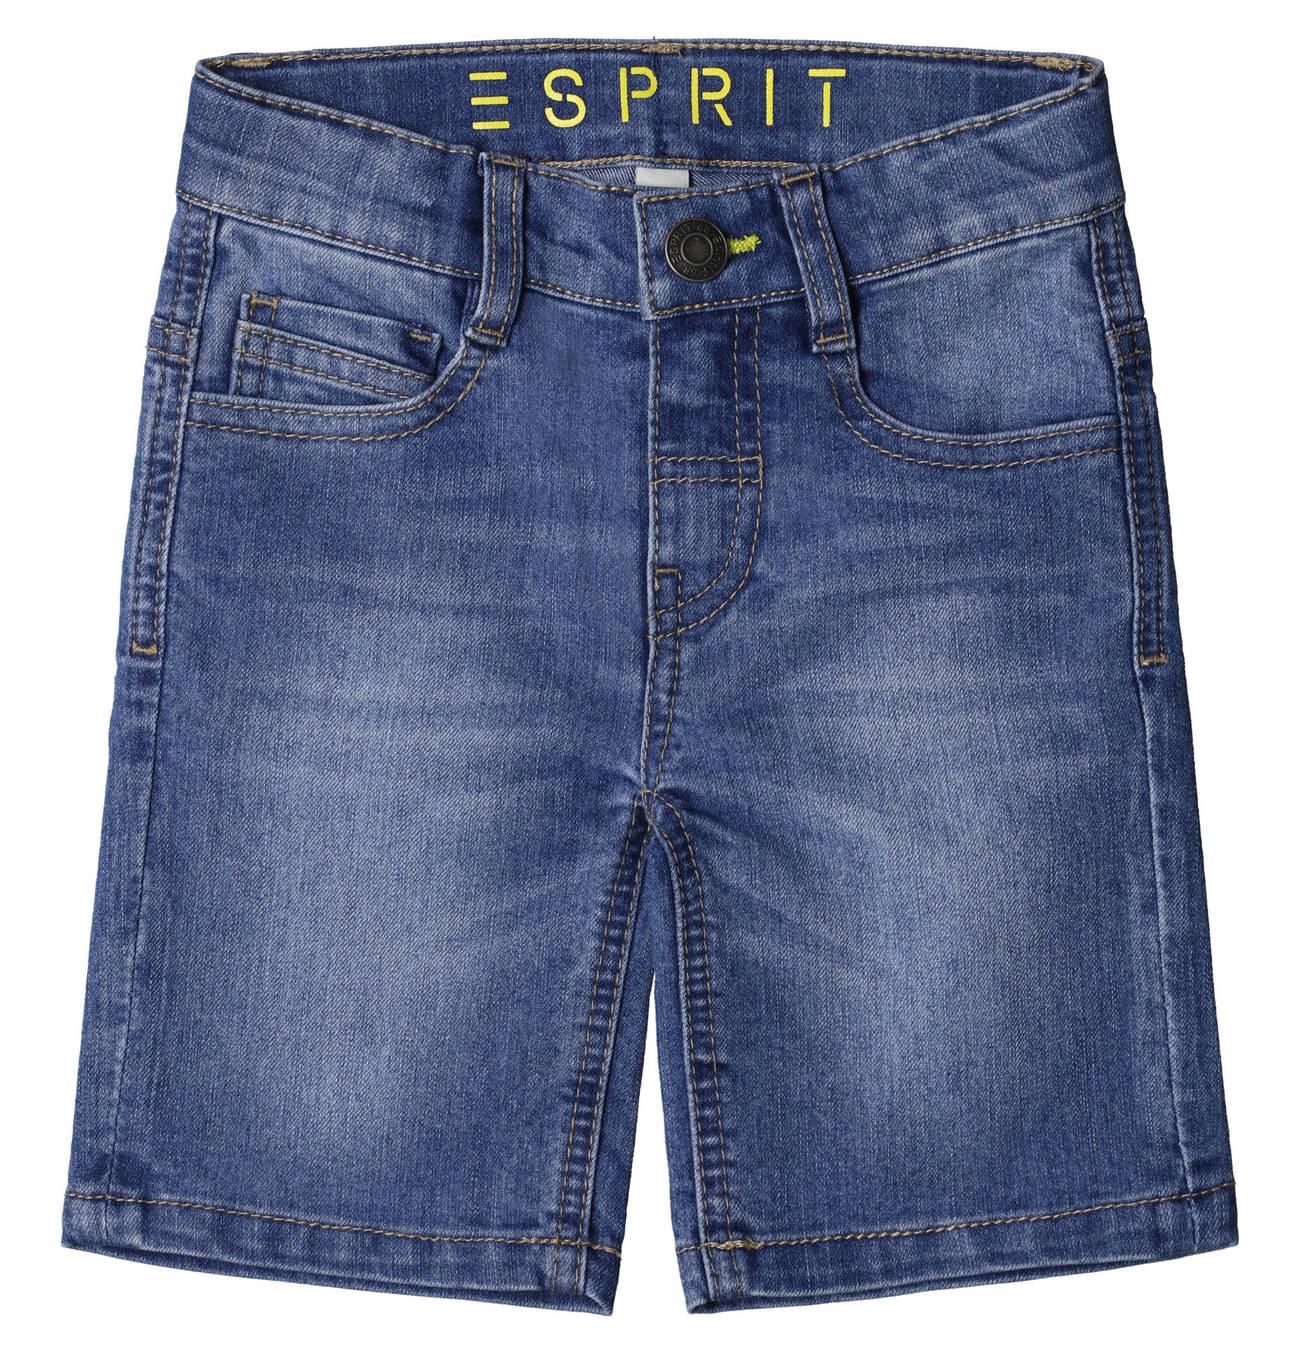 ESPRIT Jeans Bermuda, für Jungen | Frauen shorts, Kleider